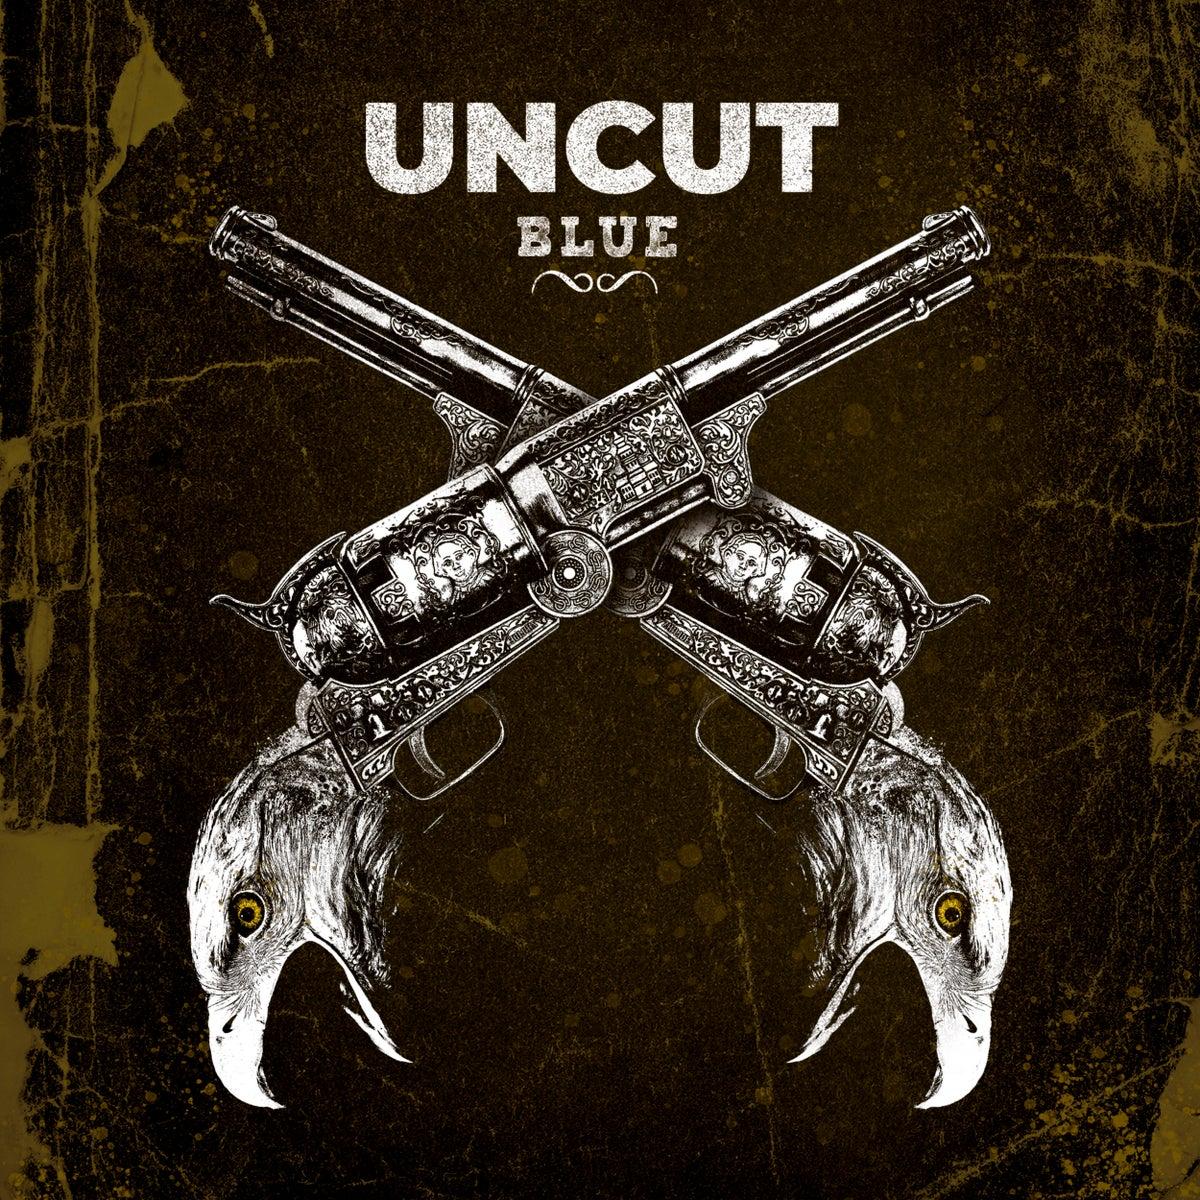 Uncut Blue